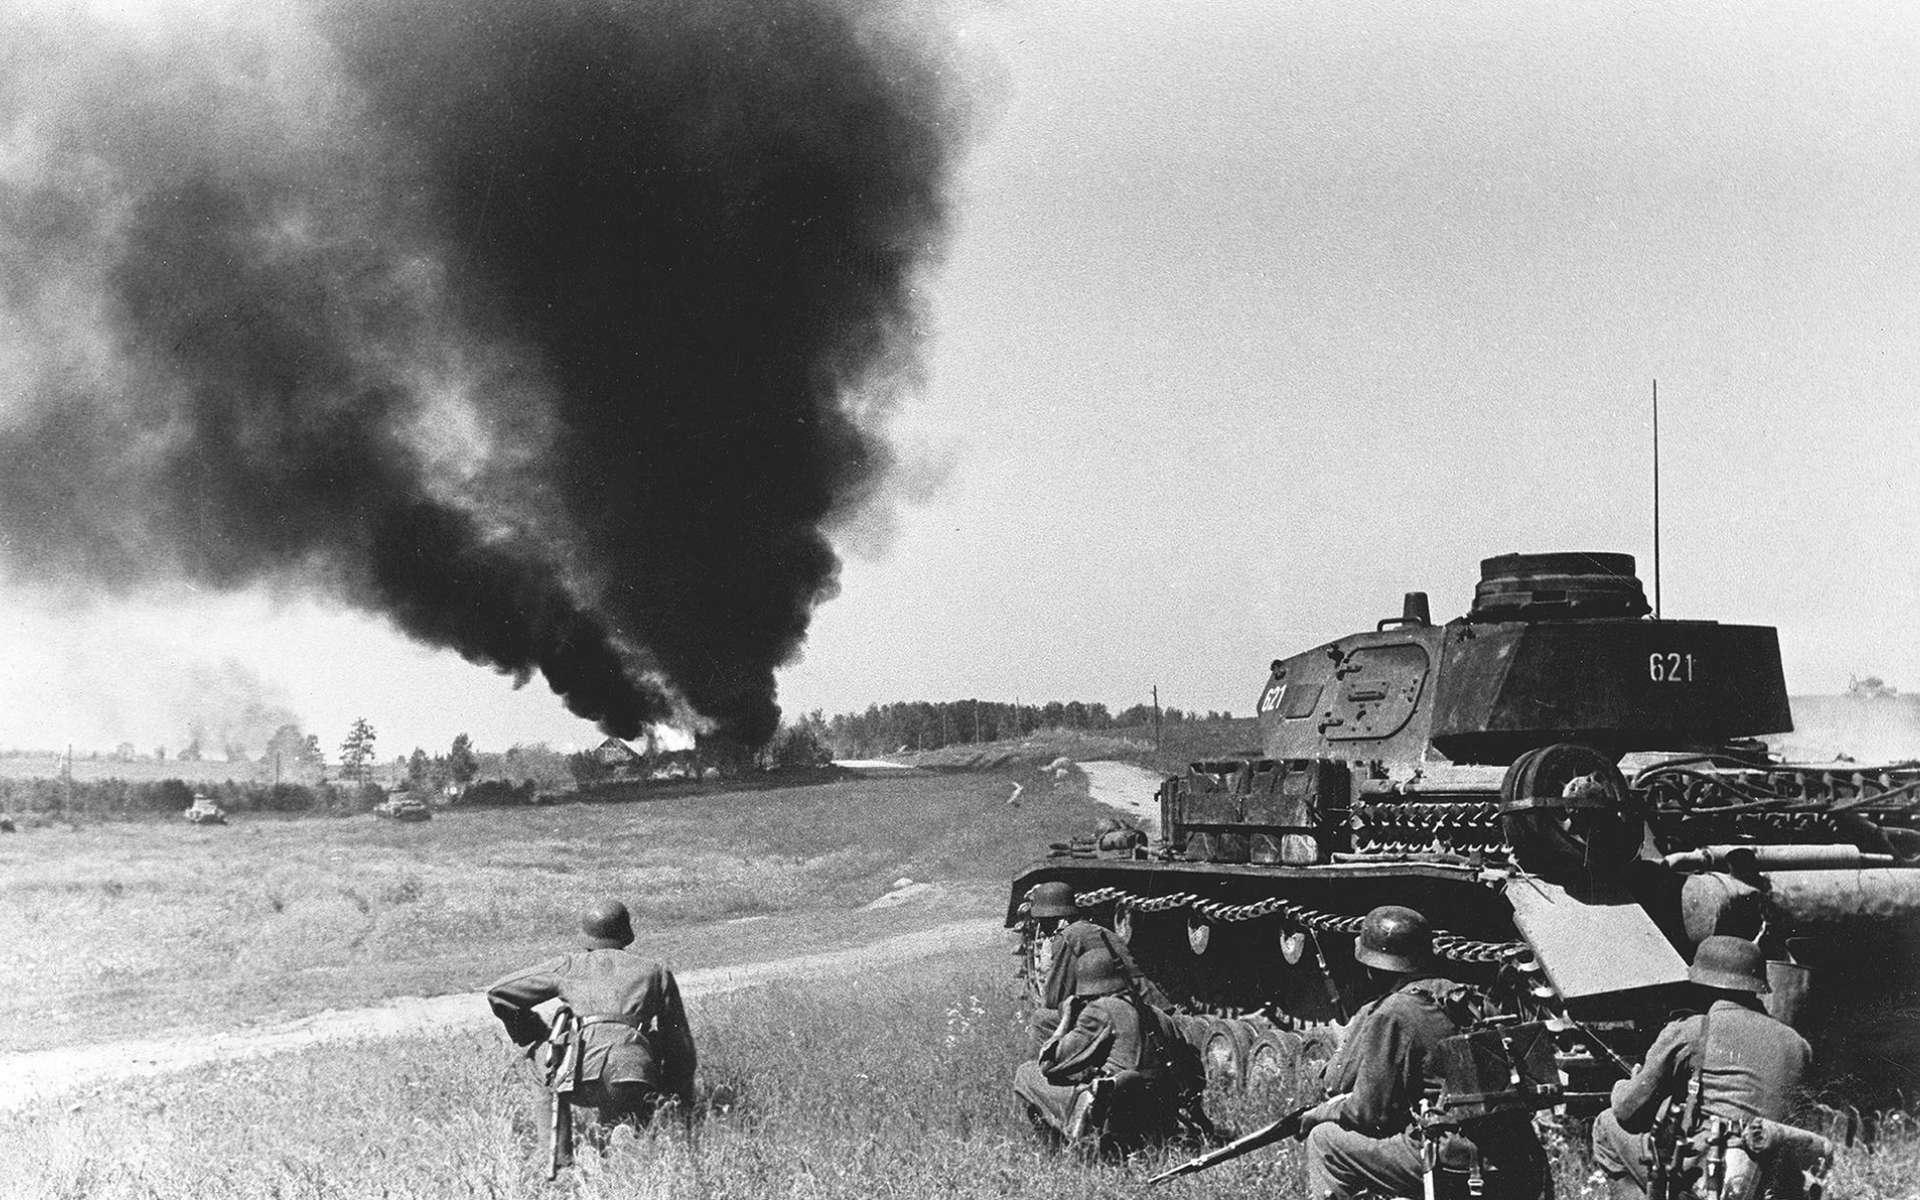 L'opération Barbarossa tient son nom de l'empereur Frederic Barberousse. L'invasion de la Russie par l'Allemagne nazie débute en juin 1941. © Ezekiel 31 truth, Google Images